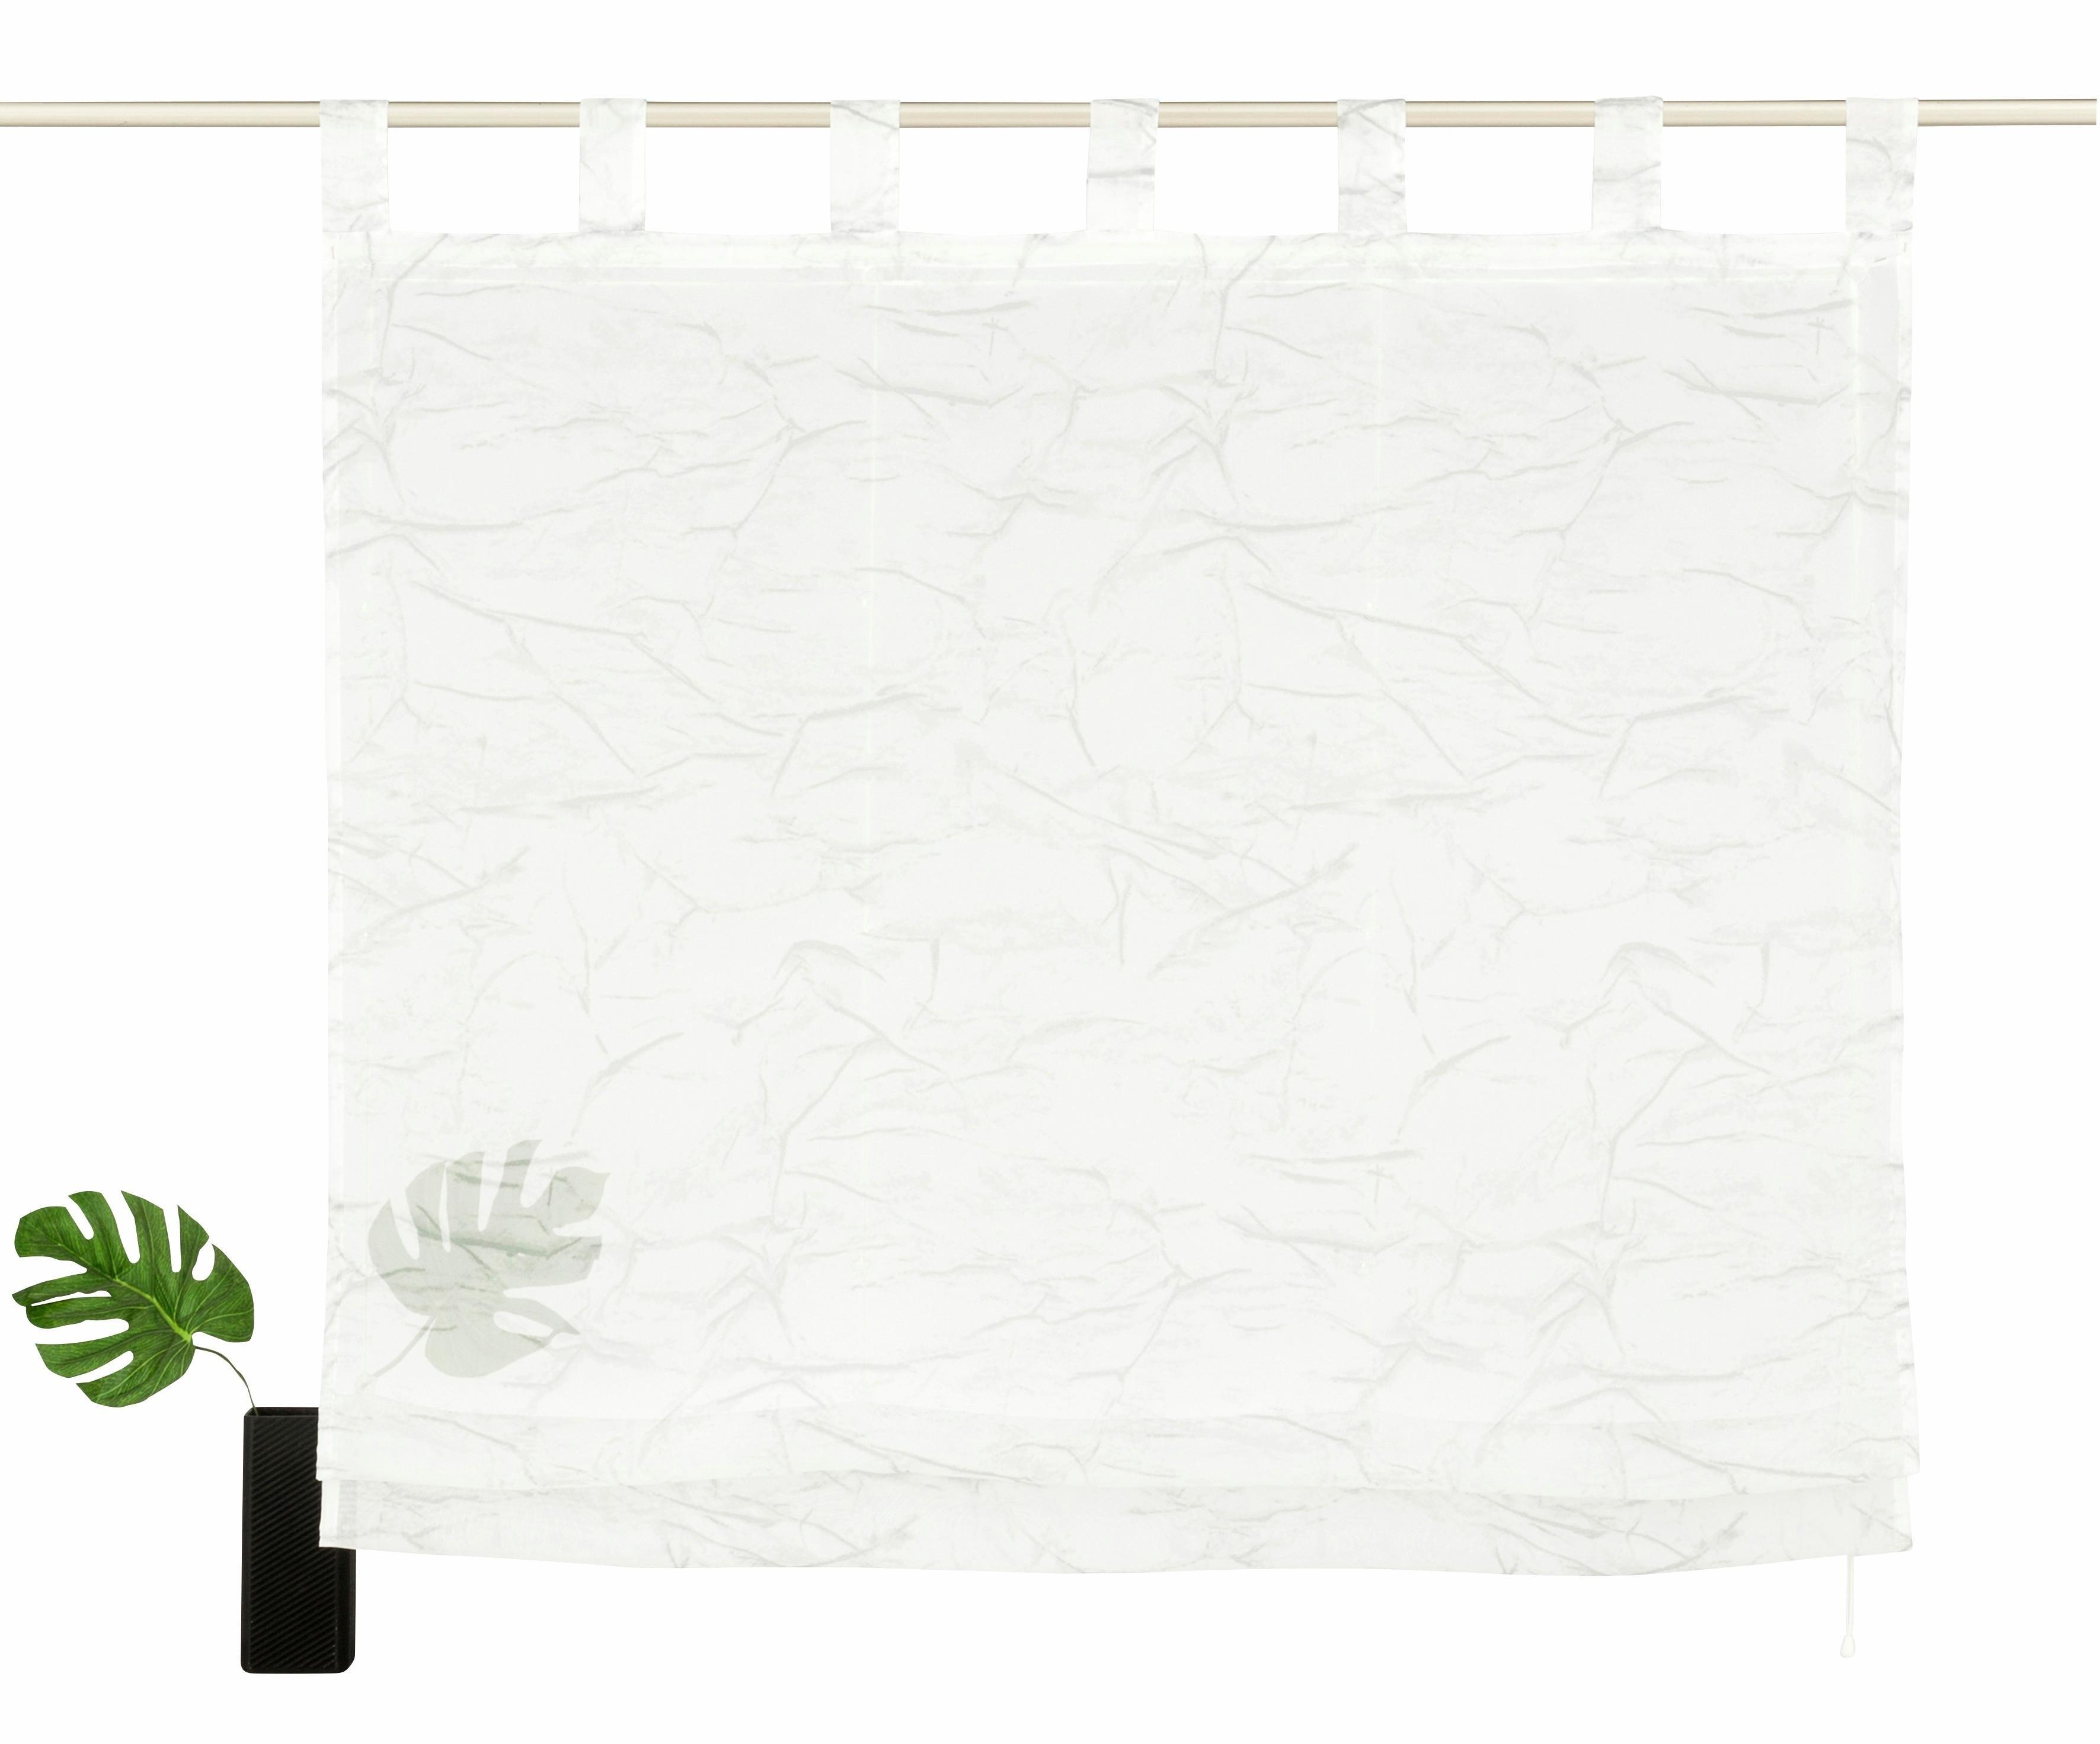 my home vouwgordijn Bamian (1 stuk) bestellen: 30 dagen bedenktijd